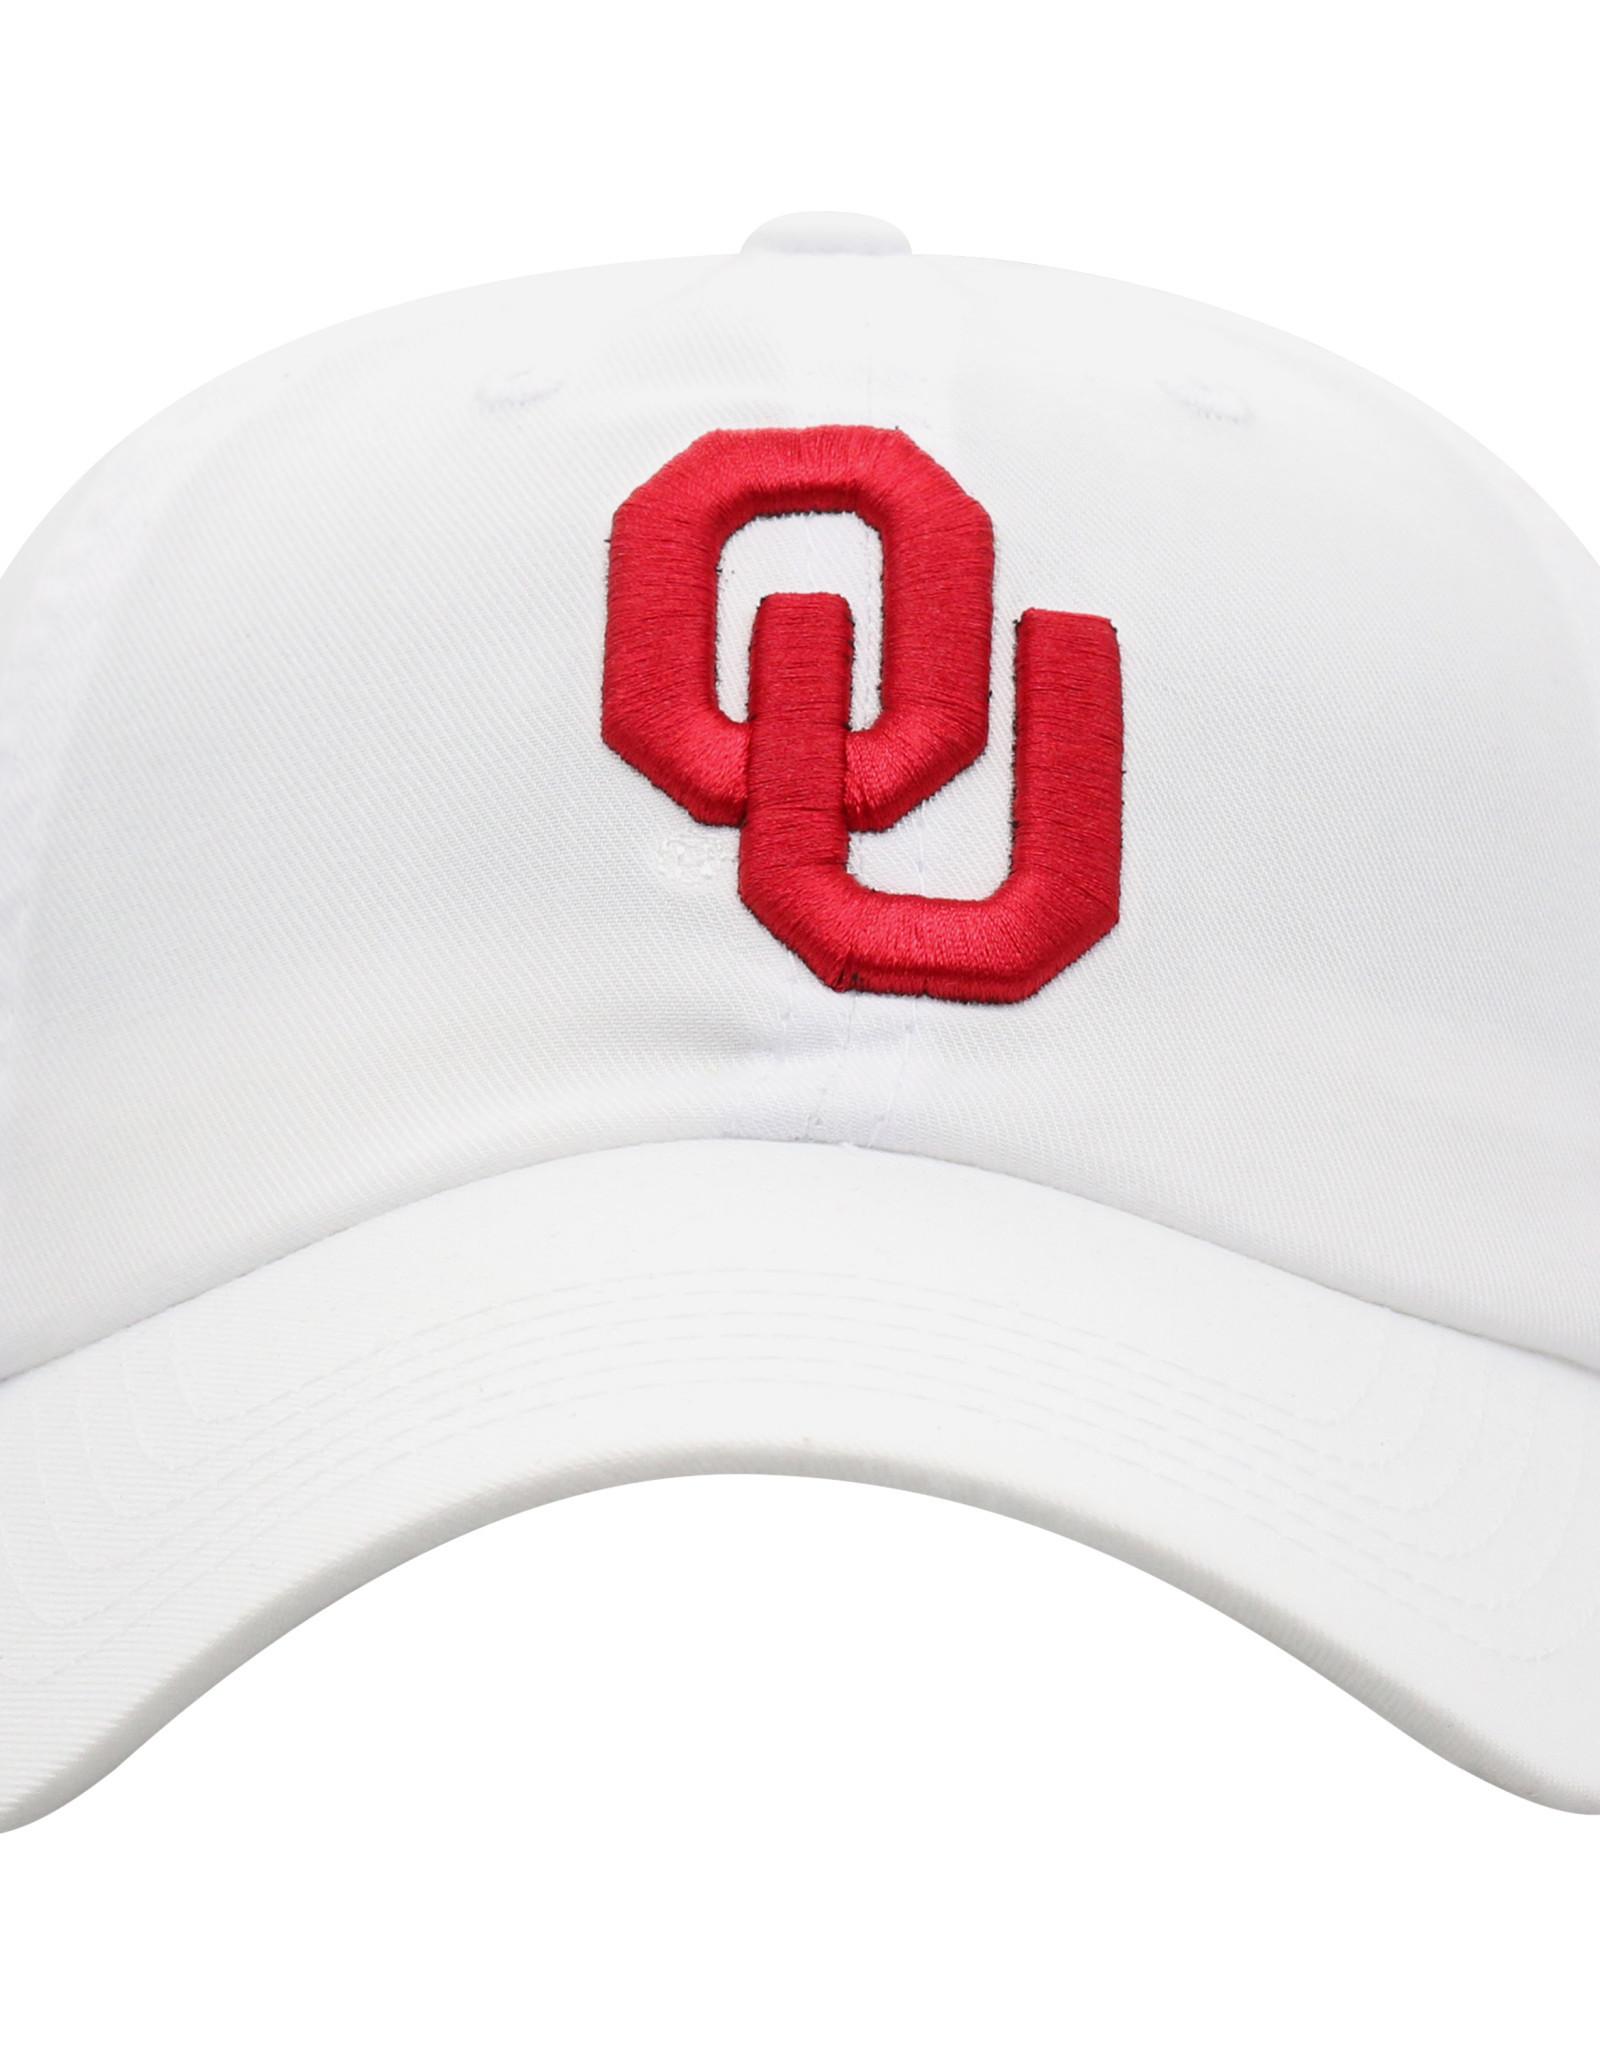 TOW TOW Staple Crimson OU Adjustable White Hat